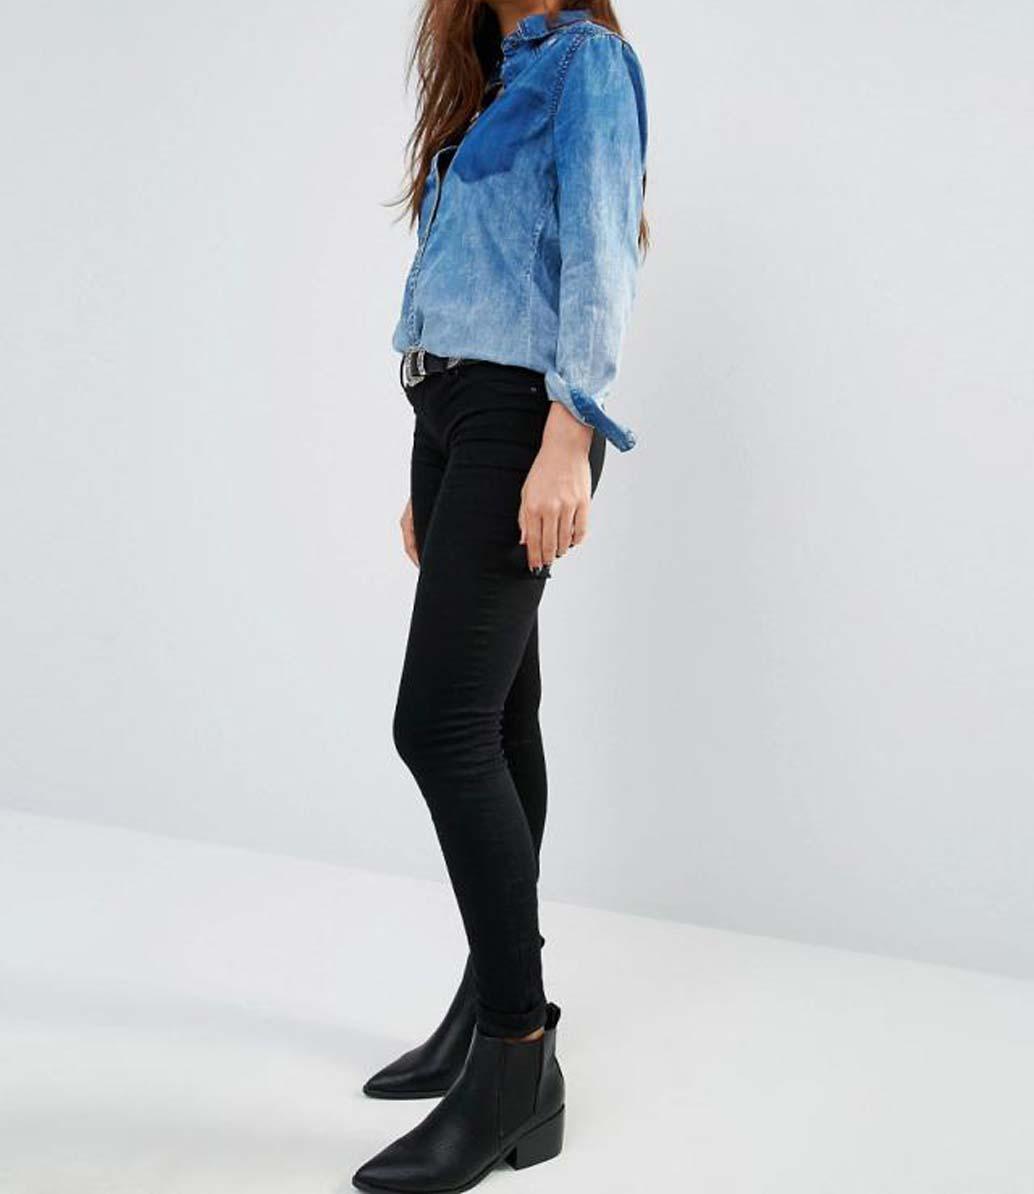 لباس هایی که با شلوار جین مشکی شمارا شیک تر نشان میدهد+تصاویر